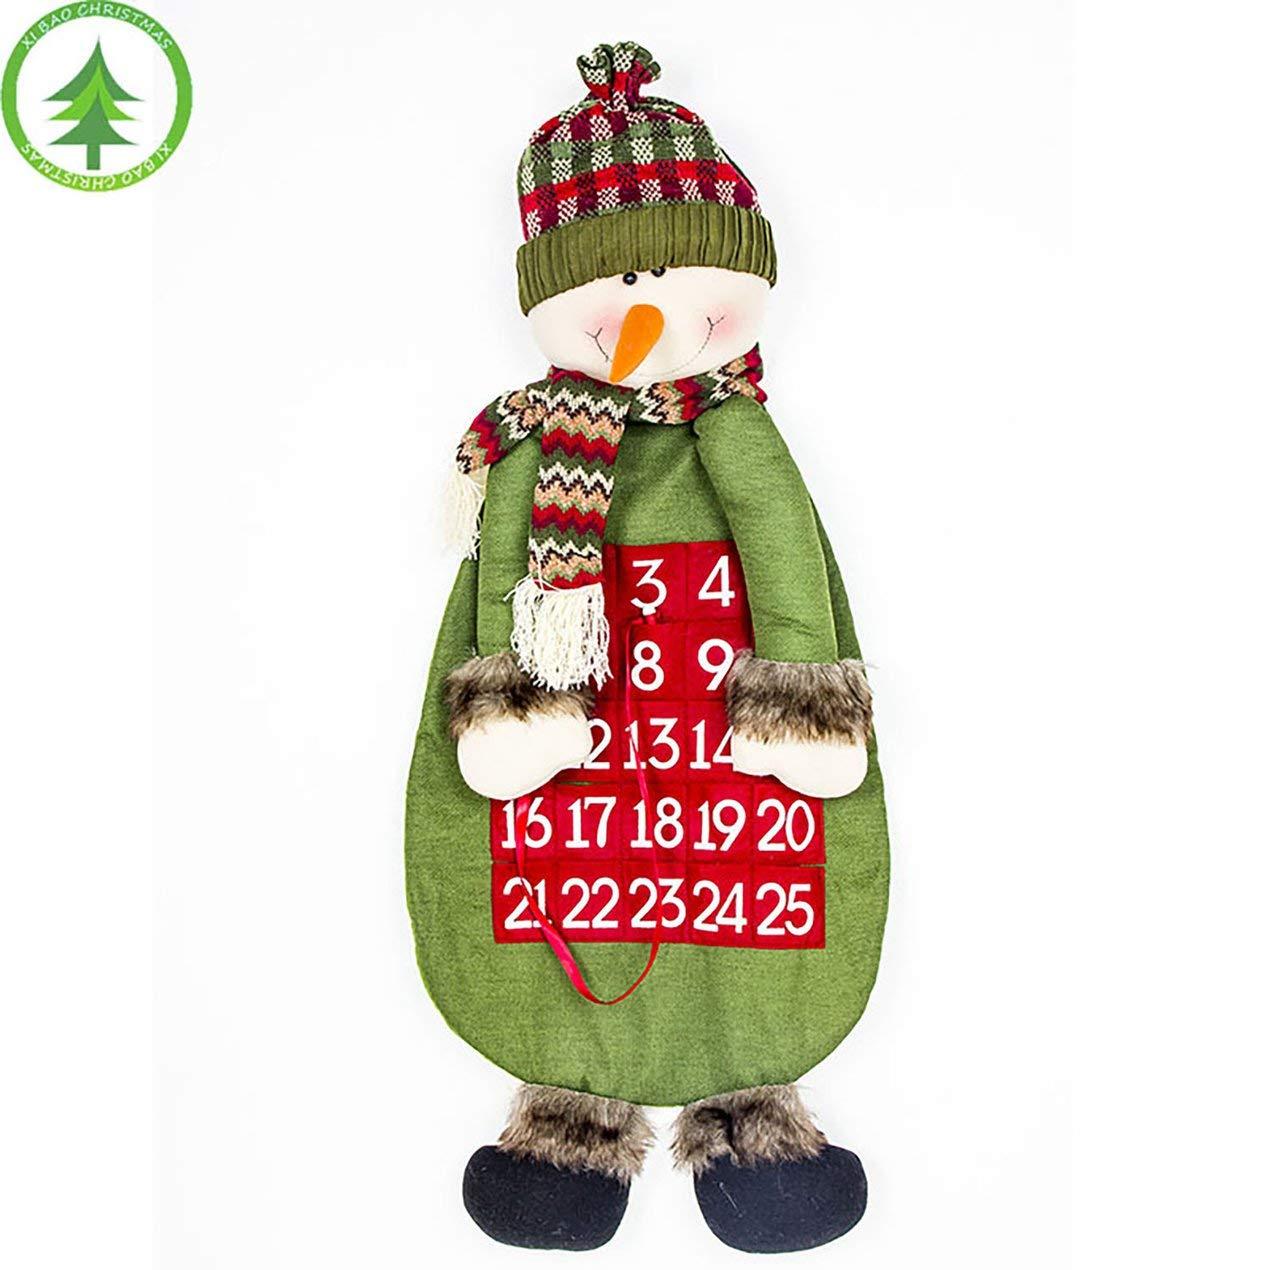 Decoración de Navidad Calendario Creativo de Dibujos Animados Muñeco de Nieve Elk Paño Calendario Muñeca Decoraciones de Juguete Inicio Adorno Colgante